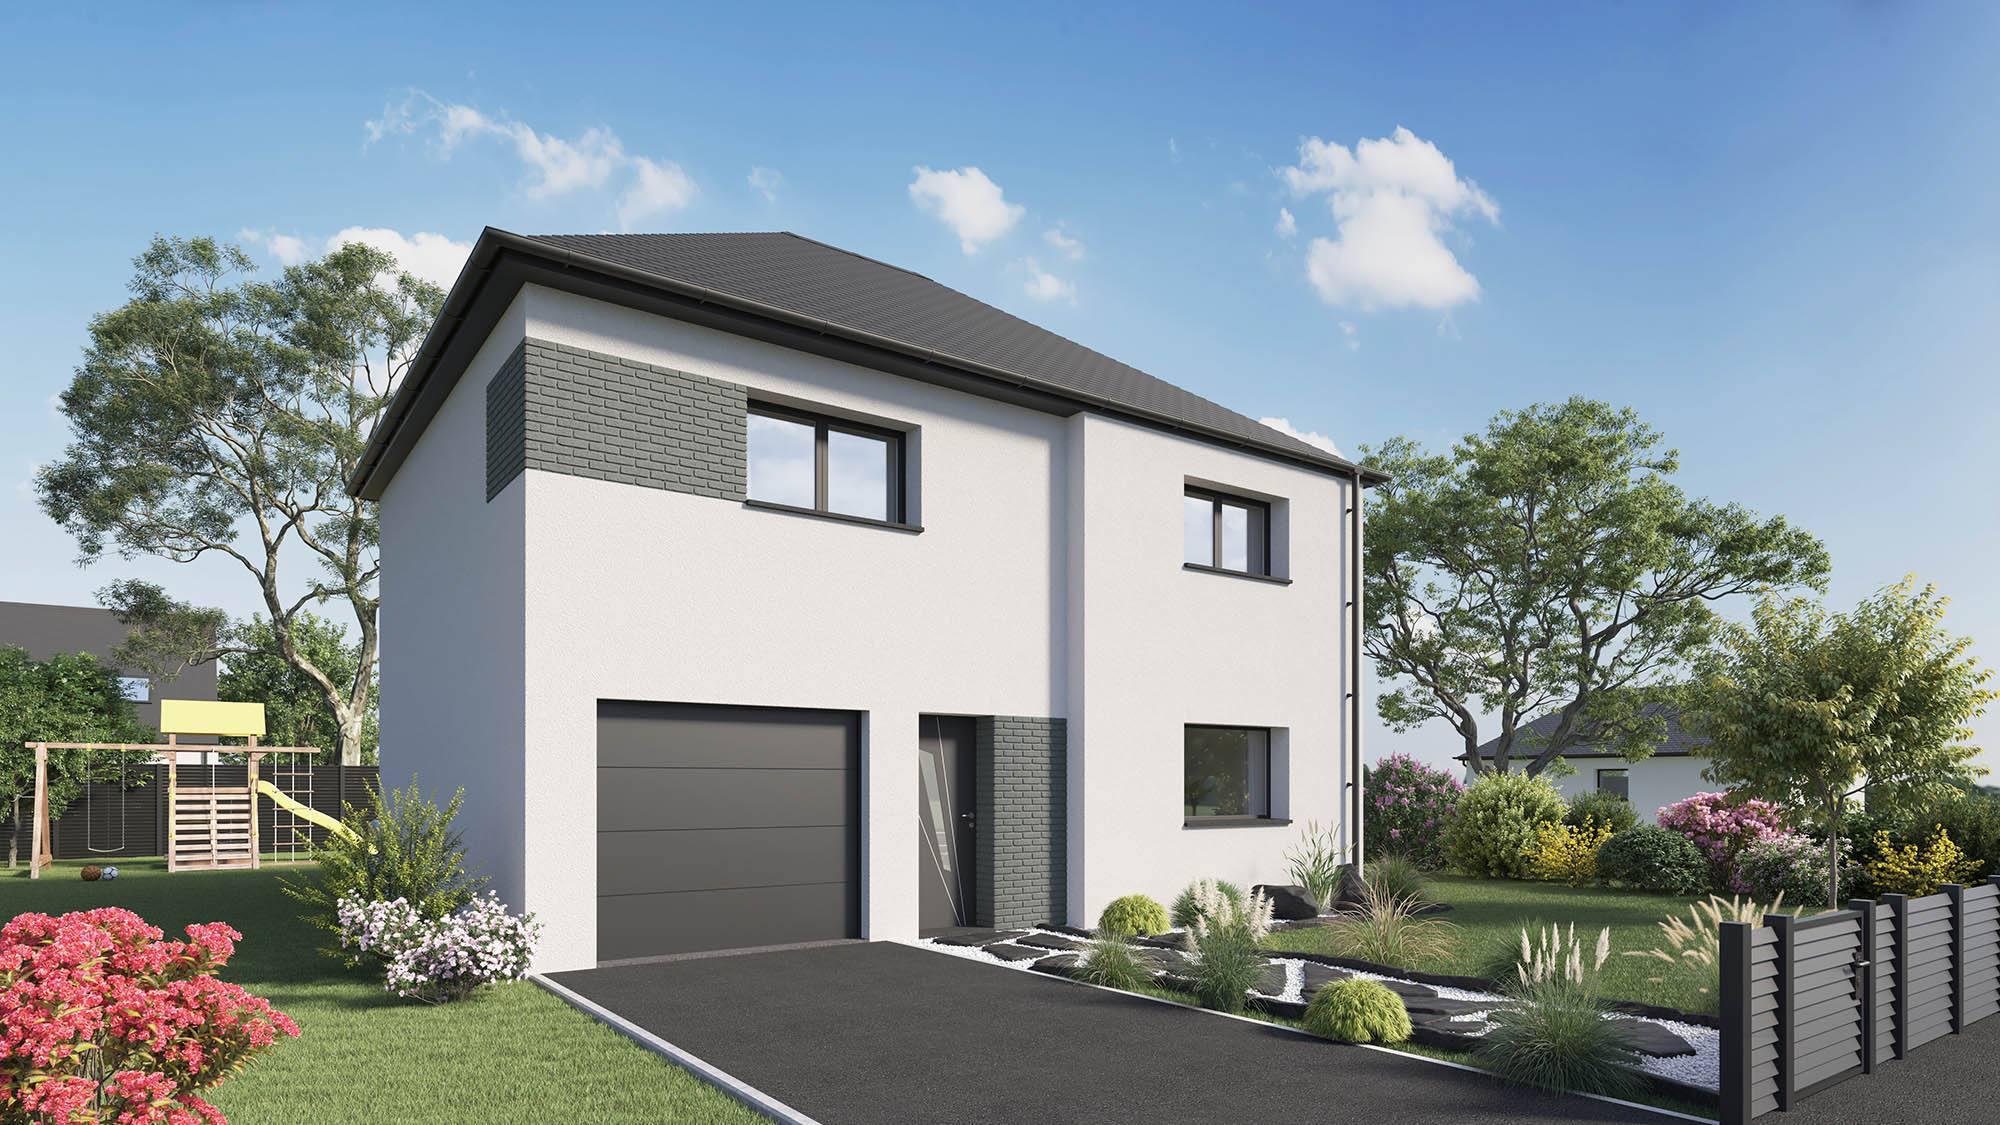 Maisons + Terrains du constructeur Maison Castor Rouen • 116 m² • PAVILLY